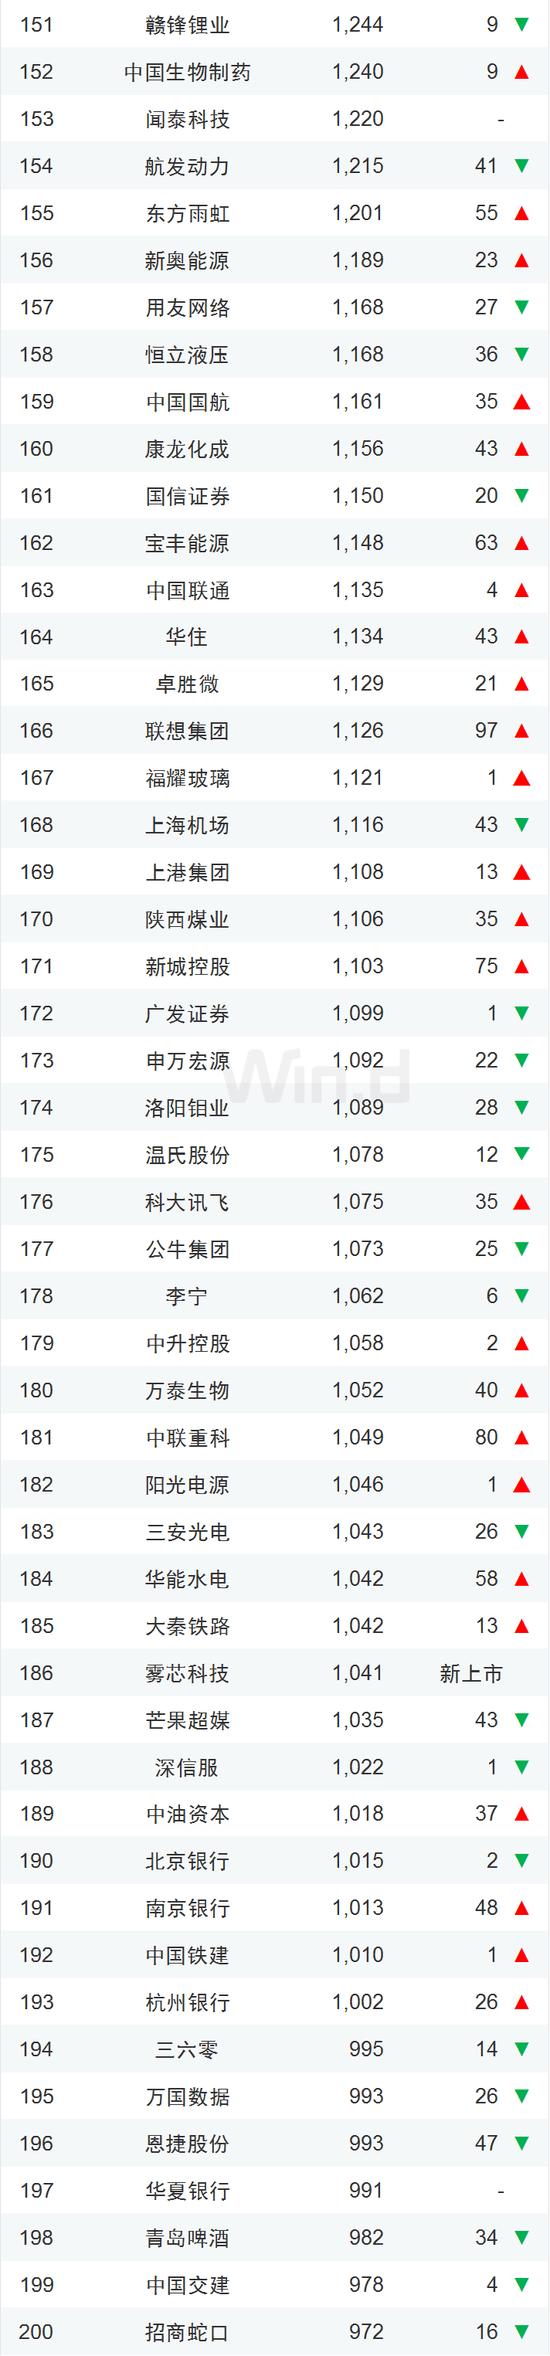 中国企业市值500强一览:腾讯阿里霸榜、茅台紧随其后的照片 - 5